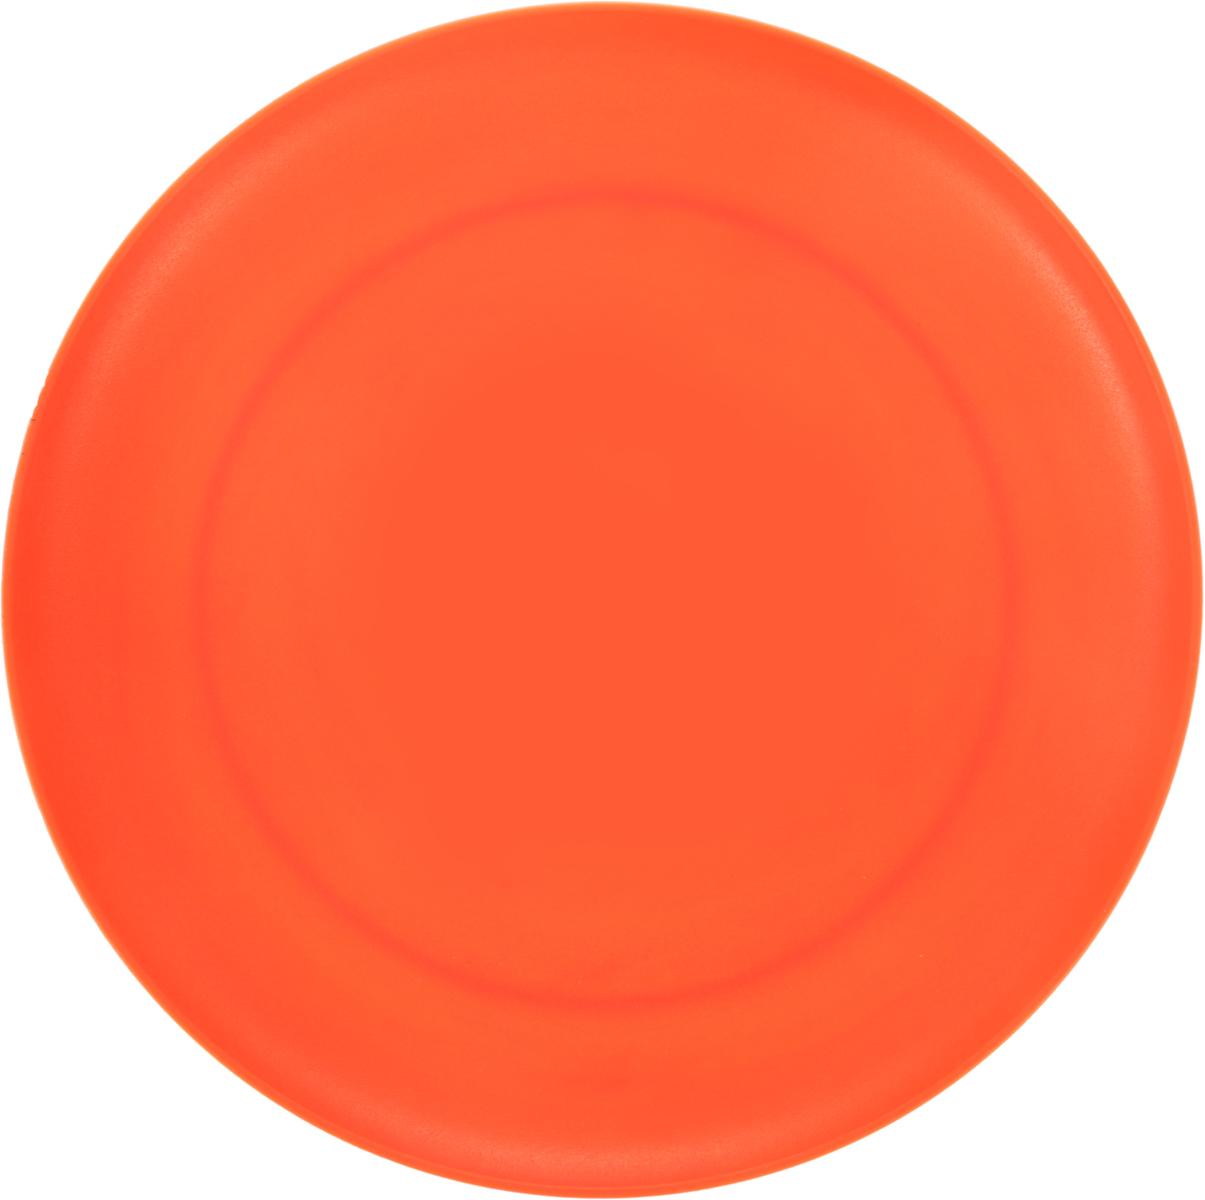 Тарелка Gotoff, цвет: оранжевый, диаметр 23,5 смWTC-273_оранжевыйКруглая тарелка Gotoff выполнена из прочного пищевого полипропилена. Выдерживает температурный режим в пределах от - 25 до + 110°C. Посуду из полипропилена можно использовать в микроволновой печи, но необходимо, чтобы нагрев не превышал максимально допустимую температуру. Изделие отлично подойдет как для холодных, так и для горячих блюд. Его удобно использовать дома или на даче, брать с собой на пикники и в поездки. Отличный вариант для детских праздников. Такая тарелка не разобьется и будет служить вам долгое время.